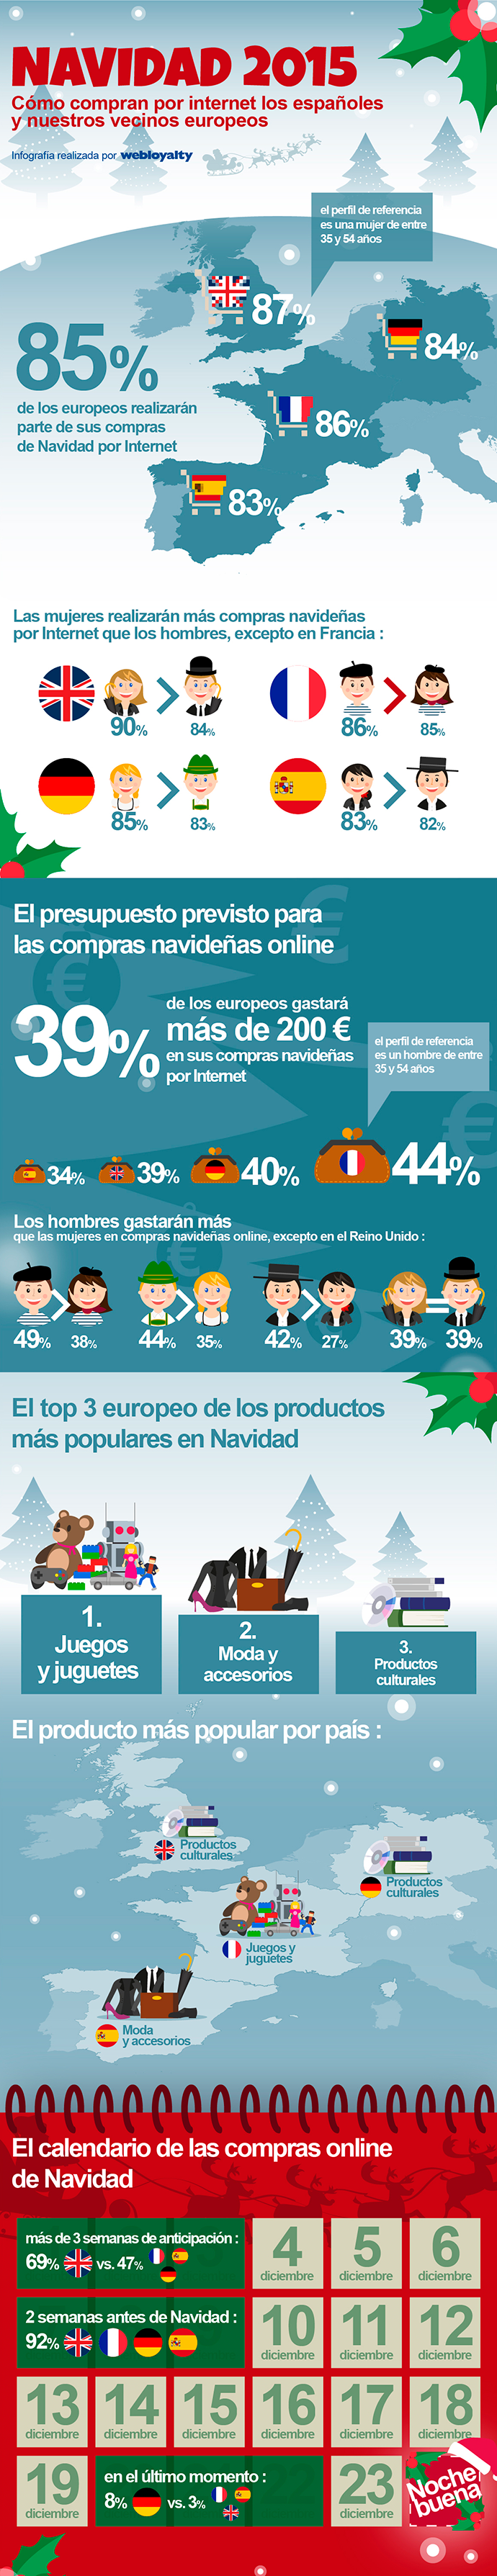 Navidad Ecommerce Como Compran Los Europeos Compras De Navidad Compras Navidad